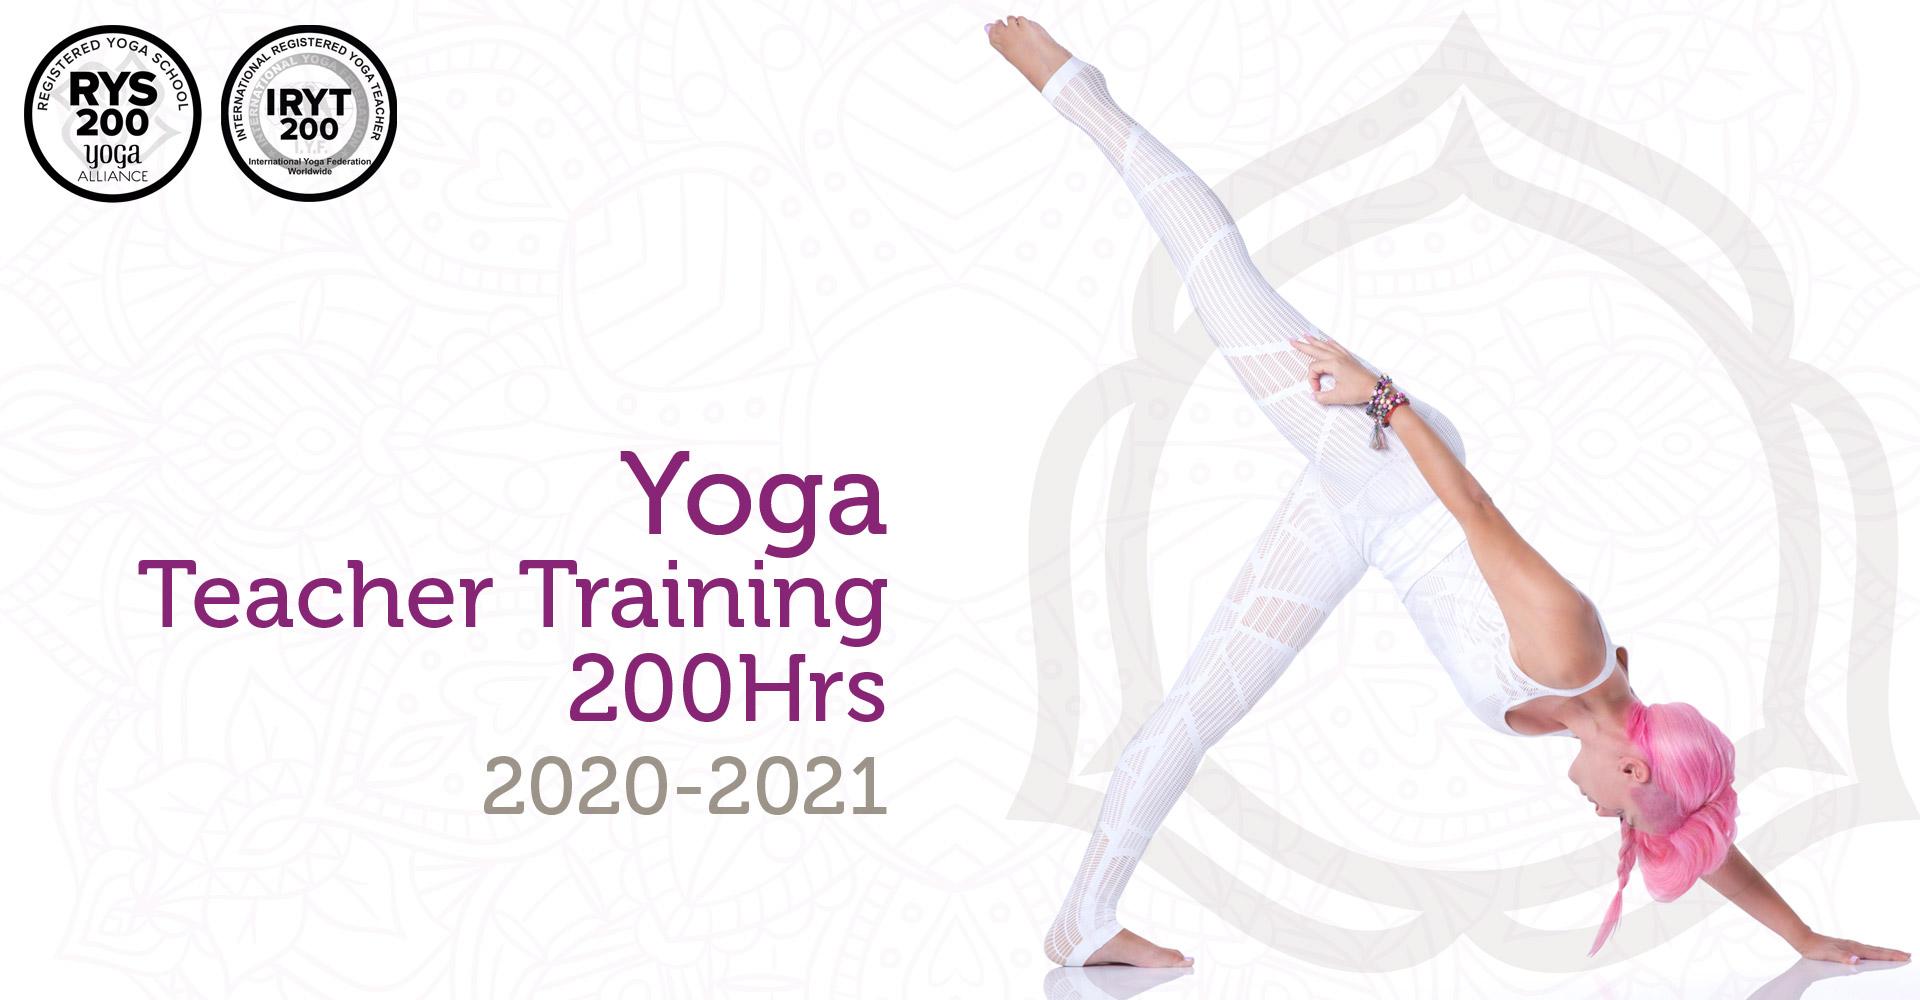 Υoga Teacher Training 200Hrs